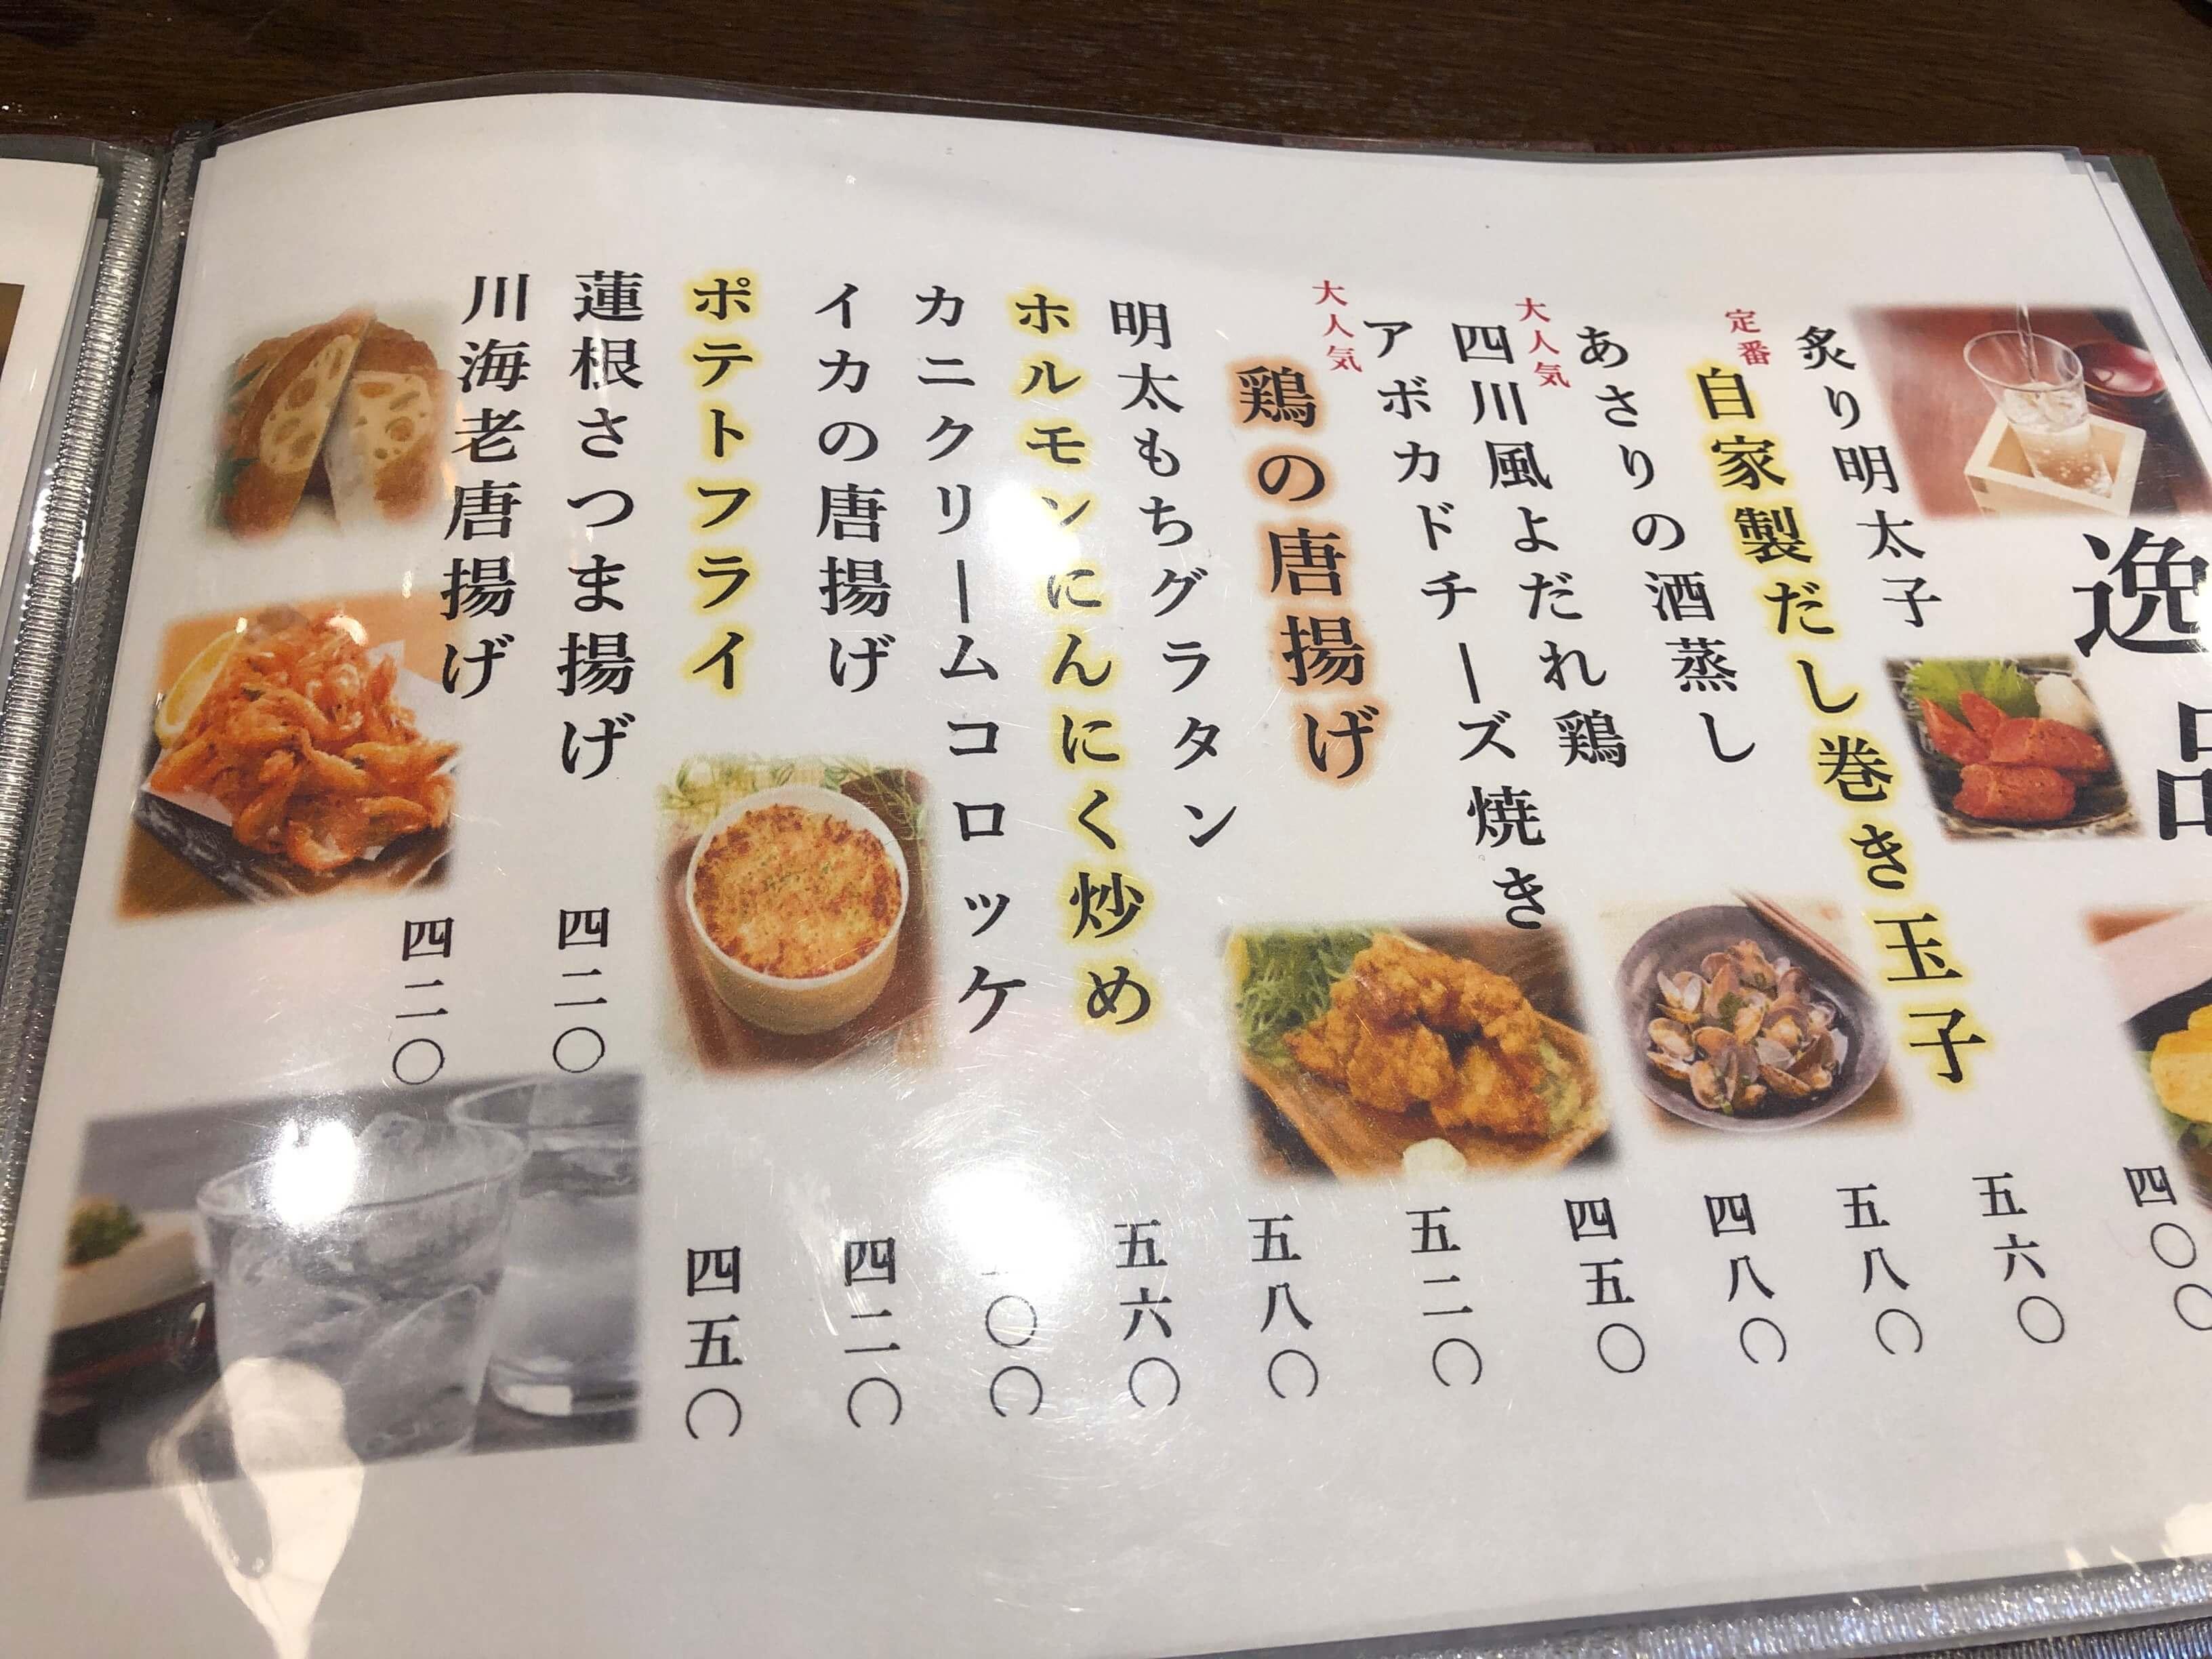 炭火焼 鳥ゆり メニュー 2019.05.04